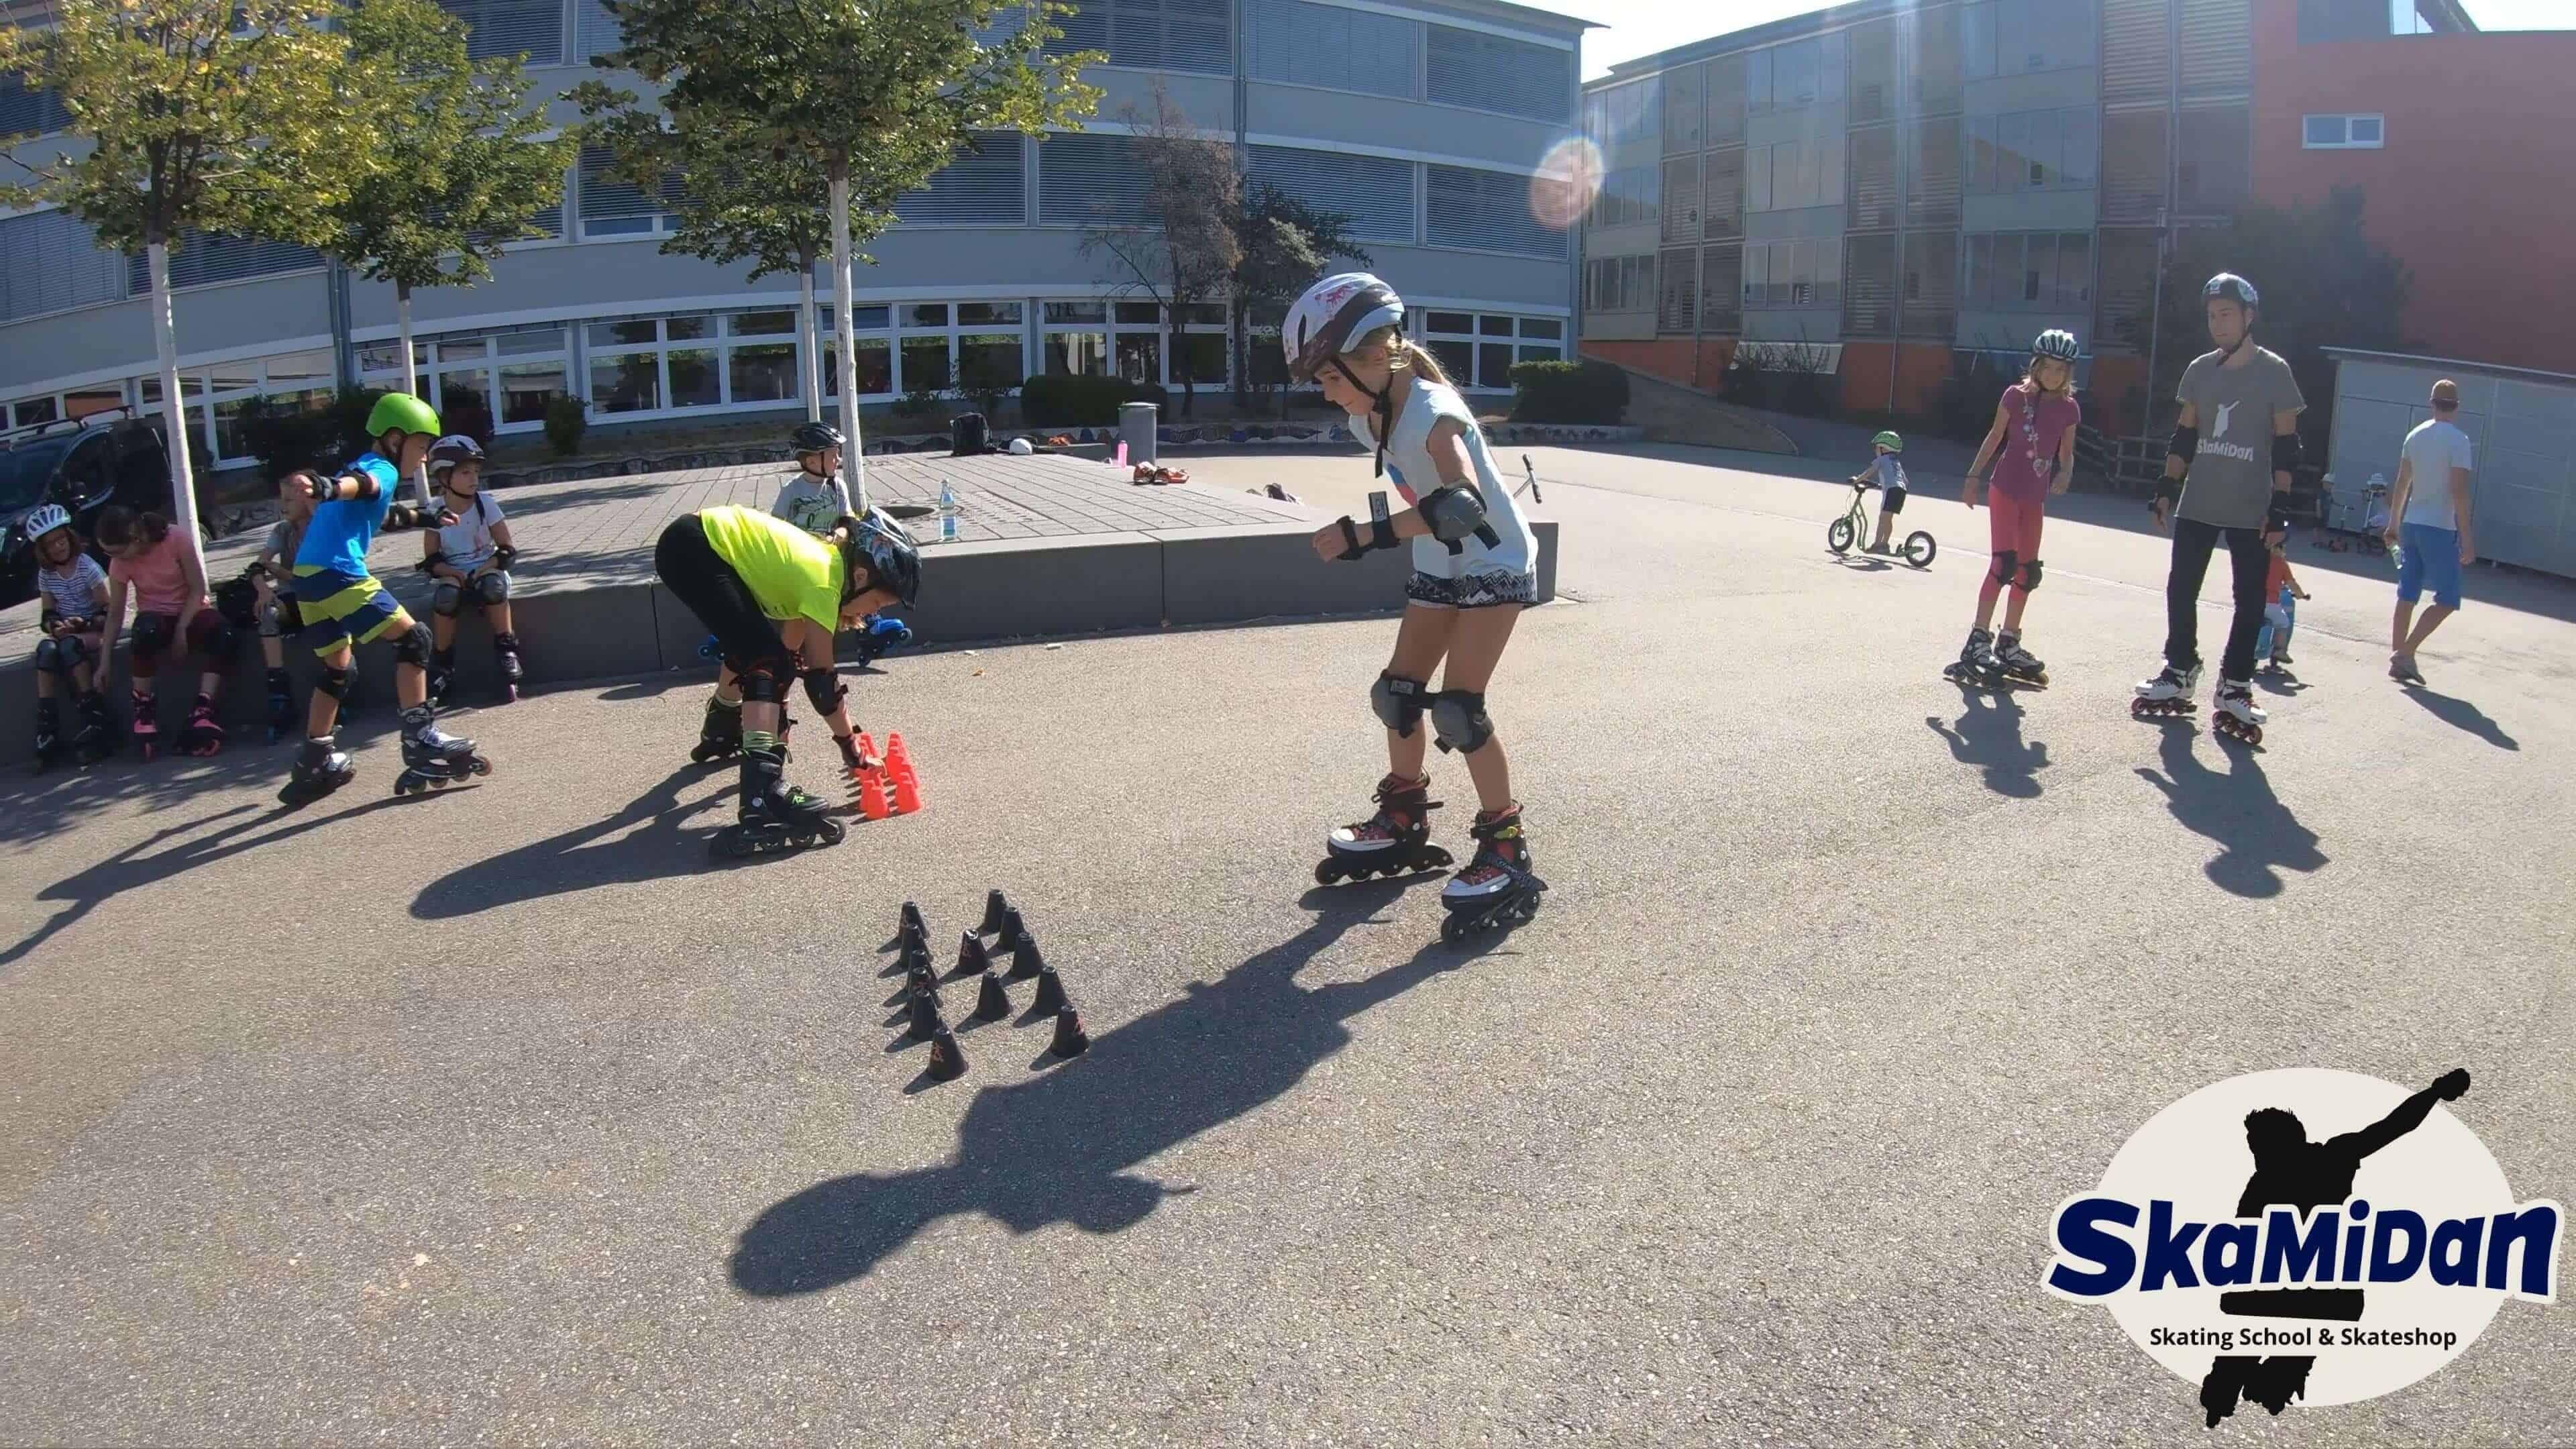 Jetzt spenden für einen guten Zweck Lörrach Weil am Rhein Basel Skateschule SkaMiDan und Skateshop SkaMiDan